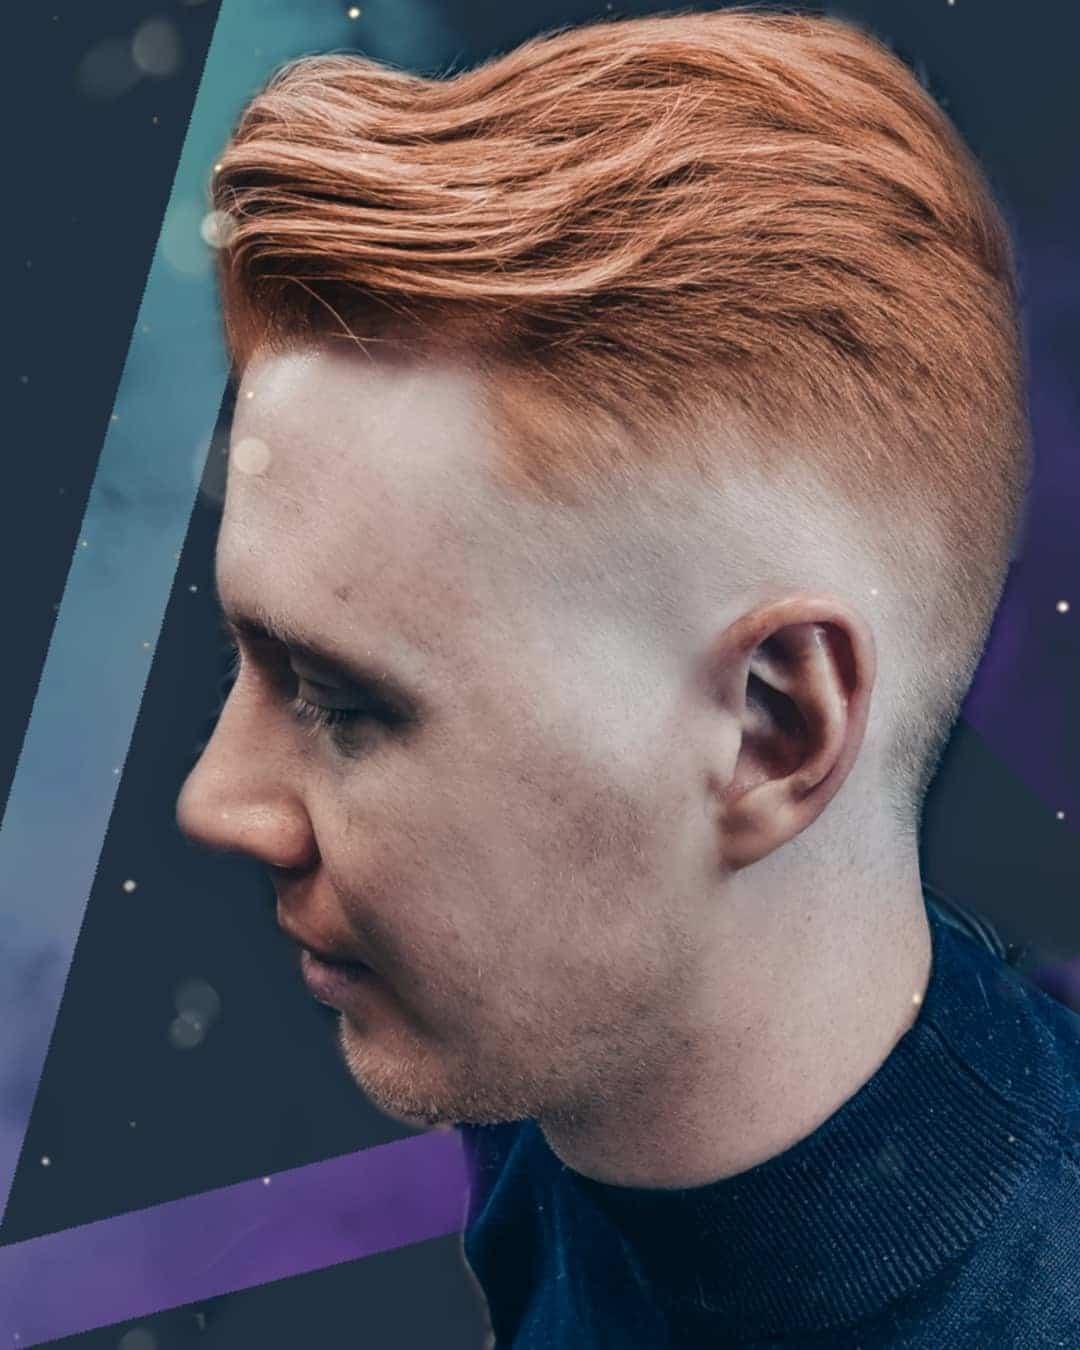 Fryzura z przedziałkiem dla cienkich włosów